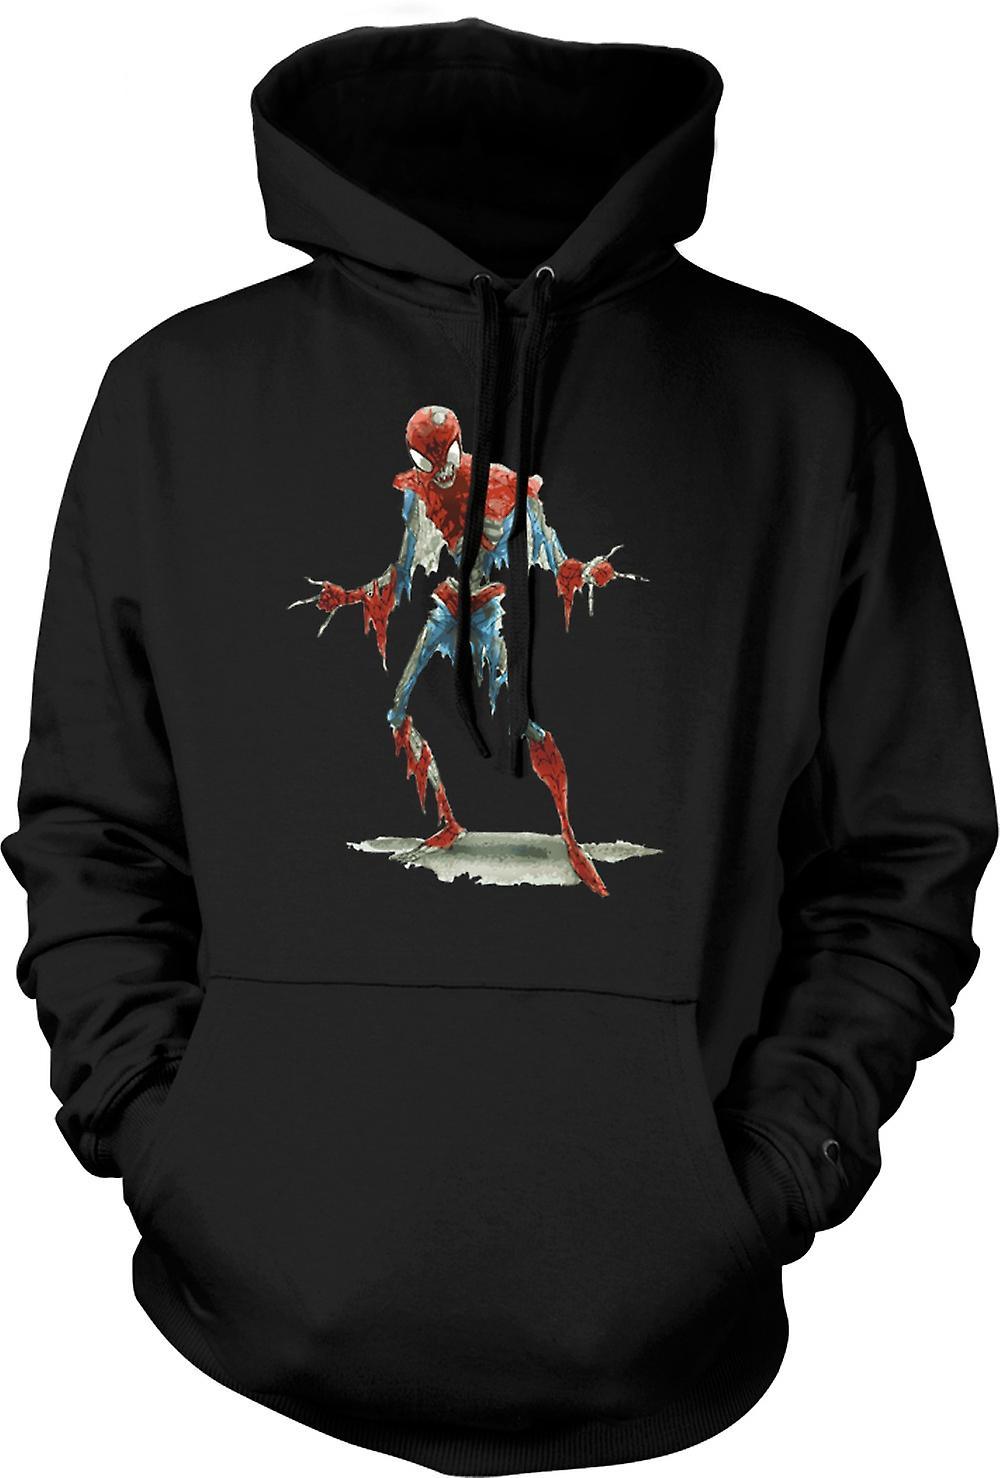 Mens Hoodie - Spiderman Zombie - Funny